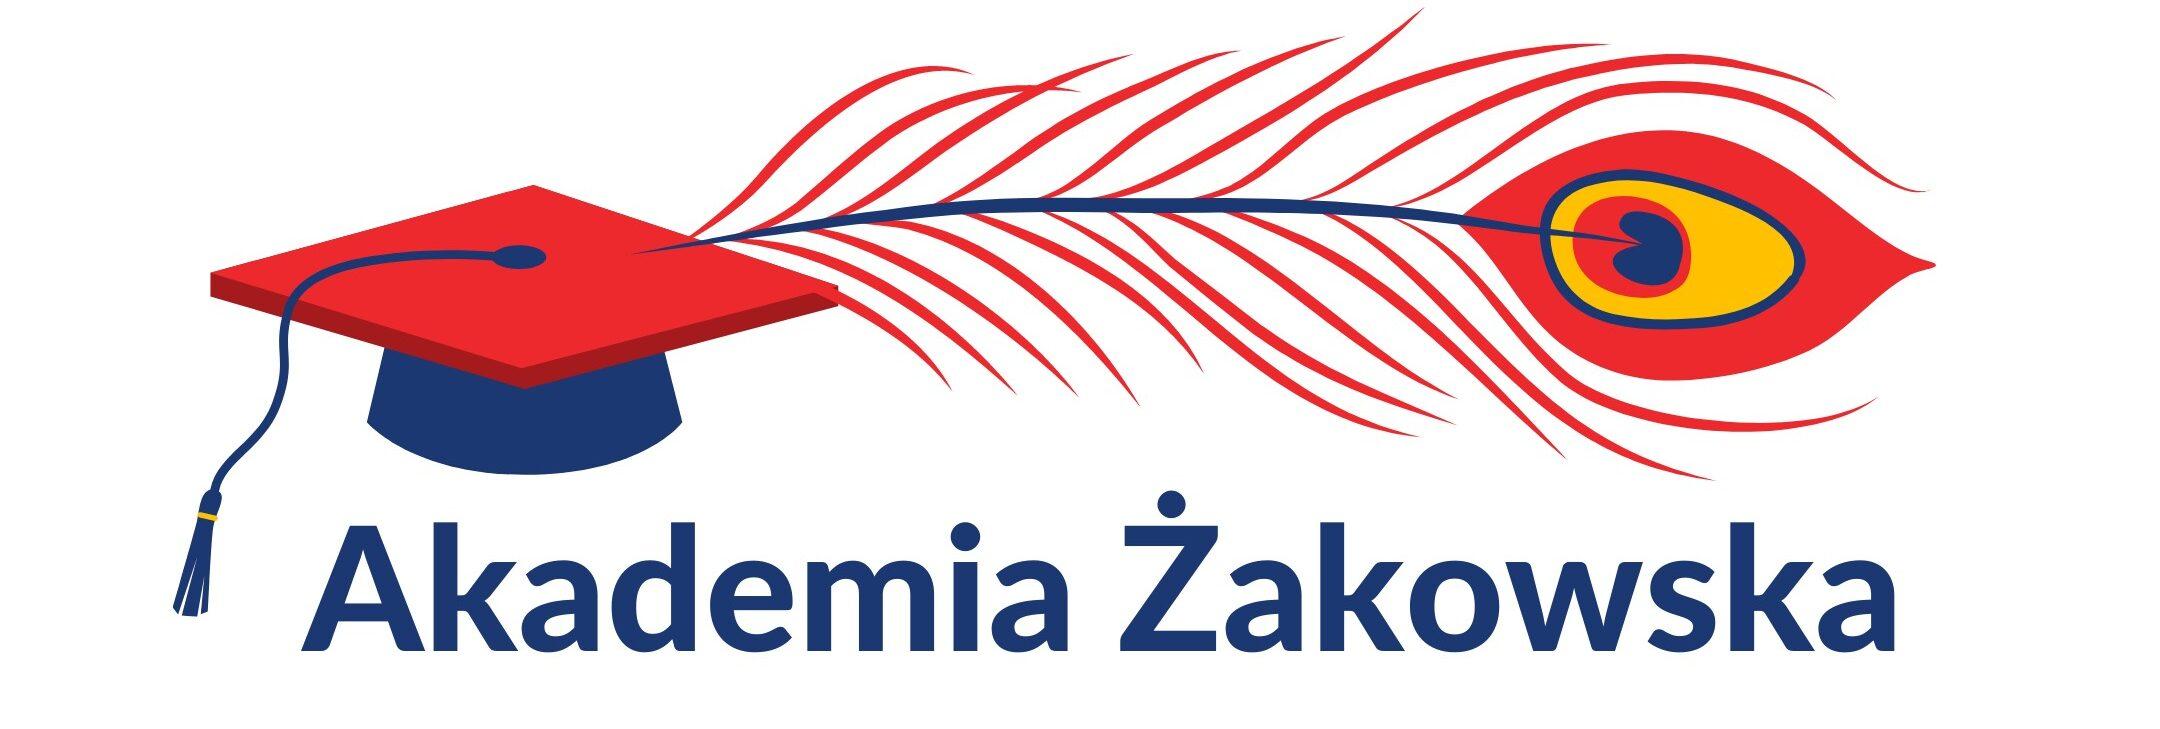 akademiazakowska.pl